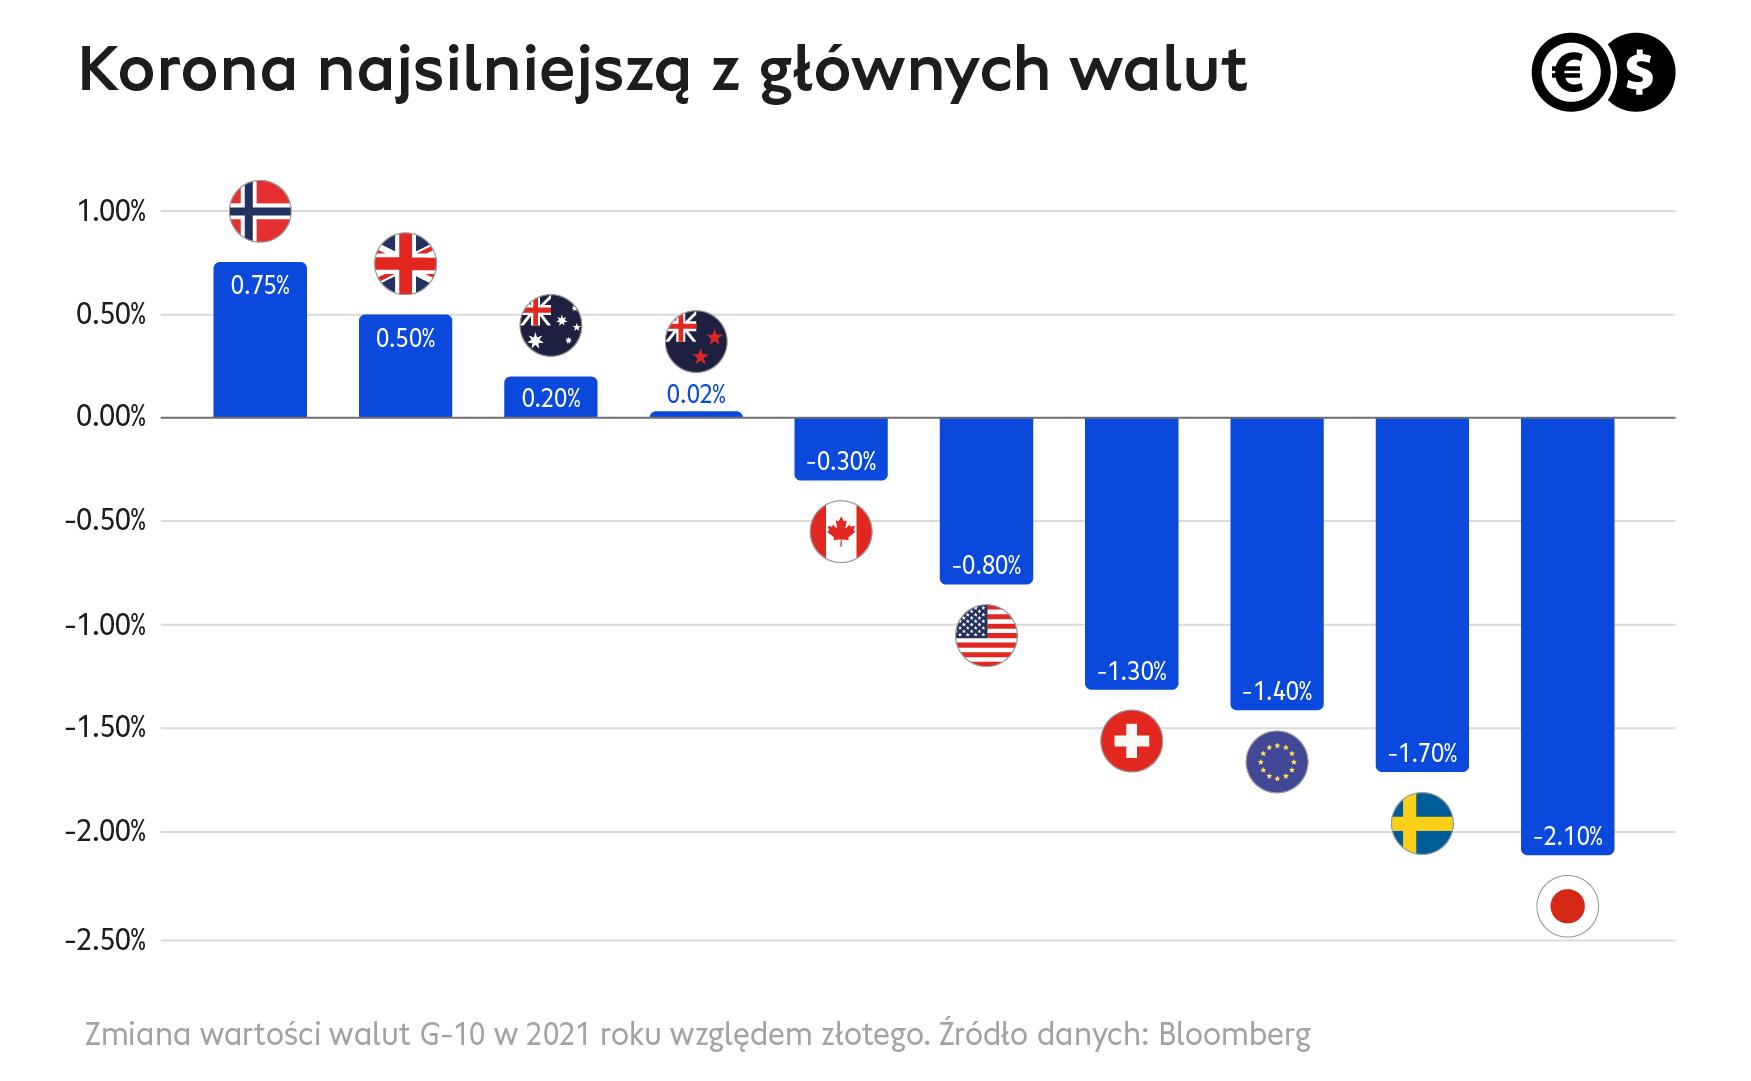 Cinkciarz.pl_korona norweska najsilniejszą walutą